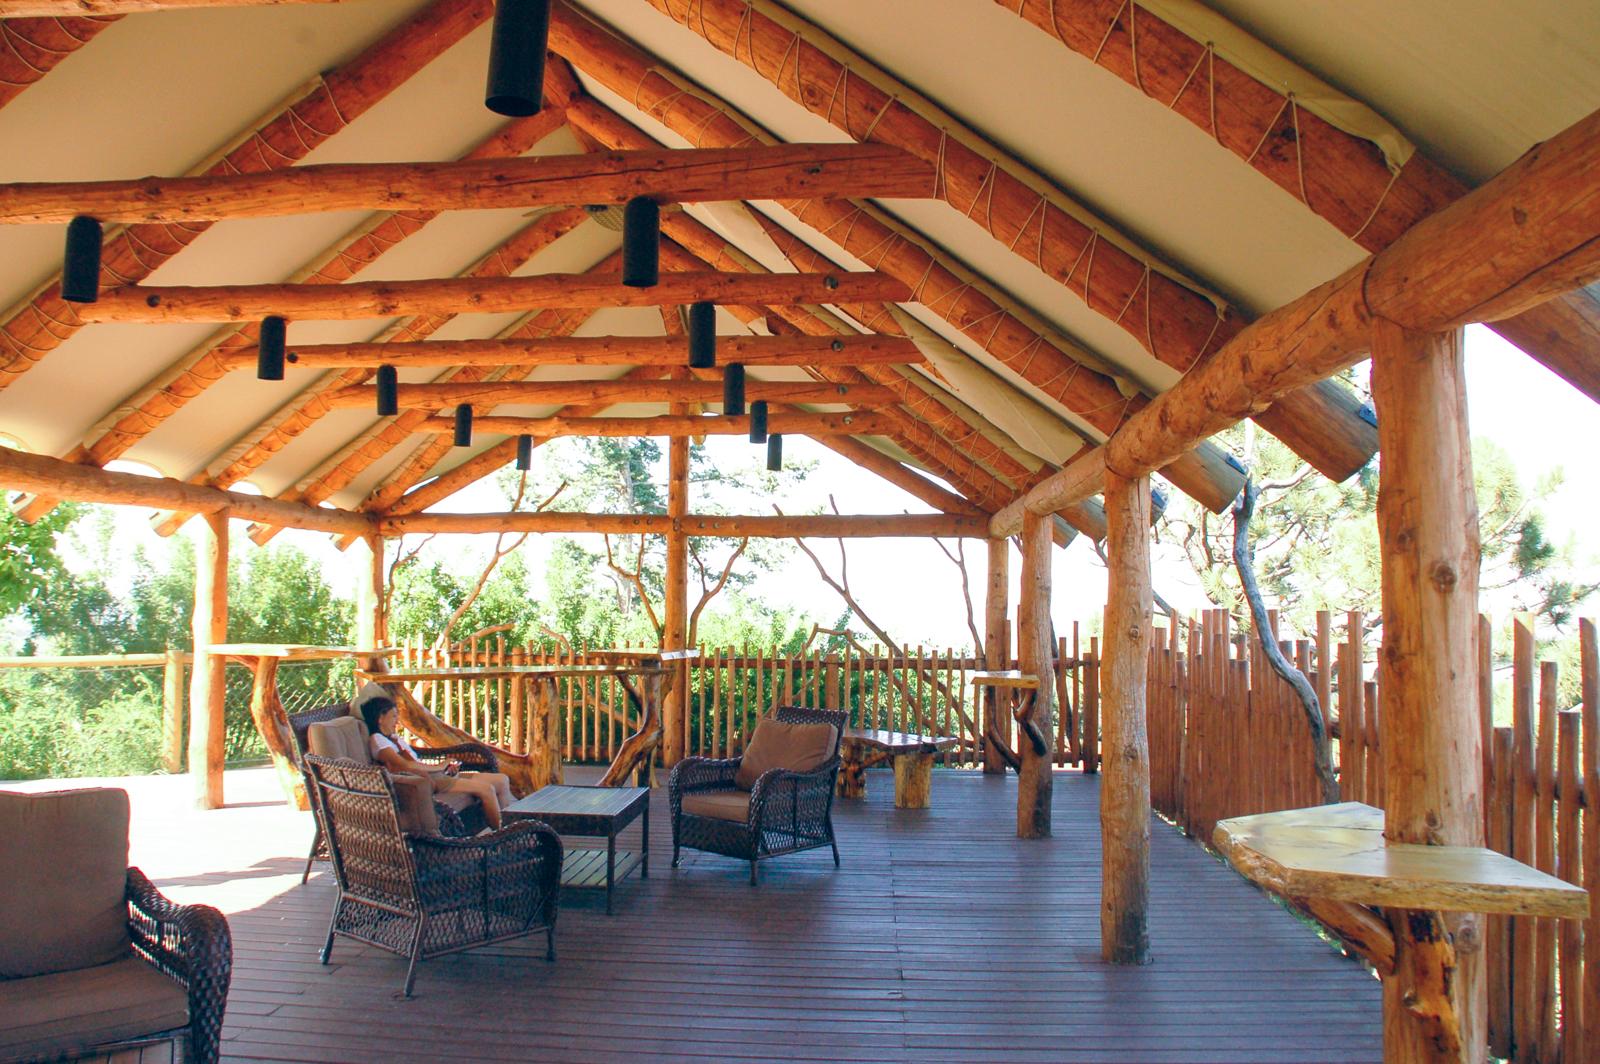 20160619-Safari Ttent Interior 4.jpg